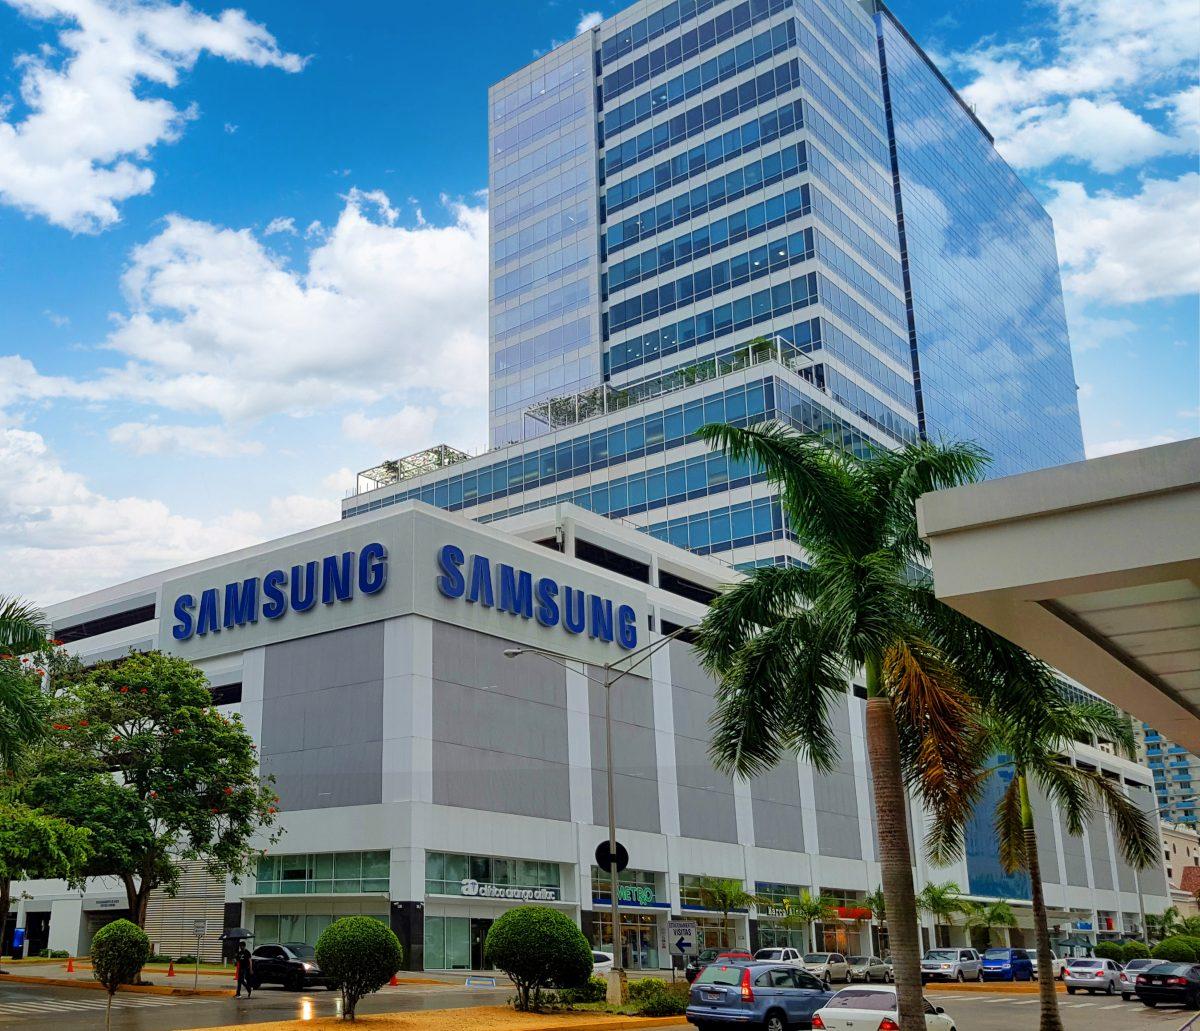 Samsung lleva más de una década reconocida por ser una empresa innovadora